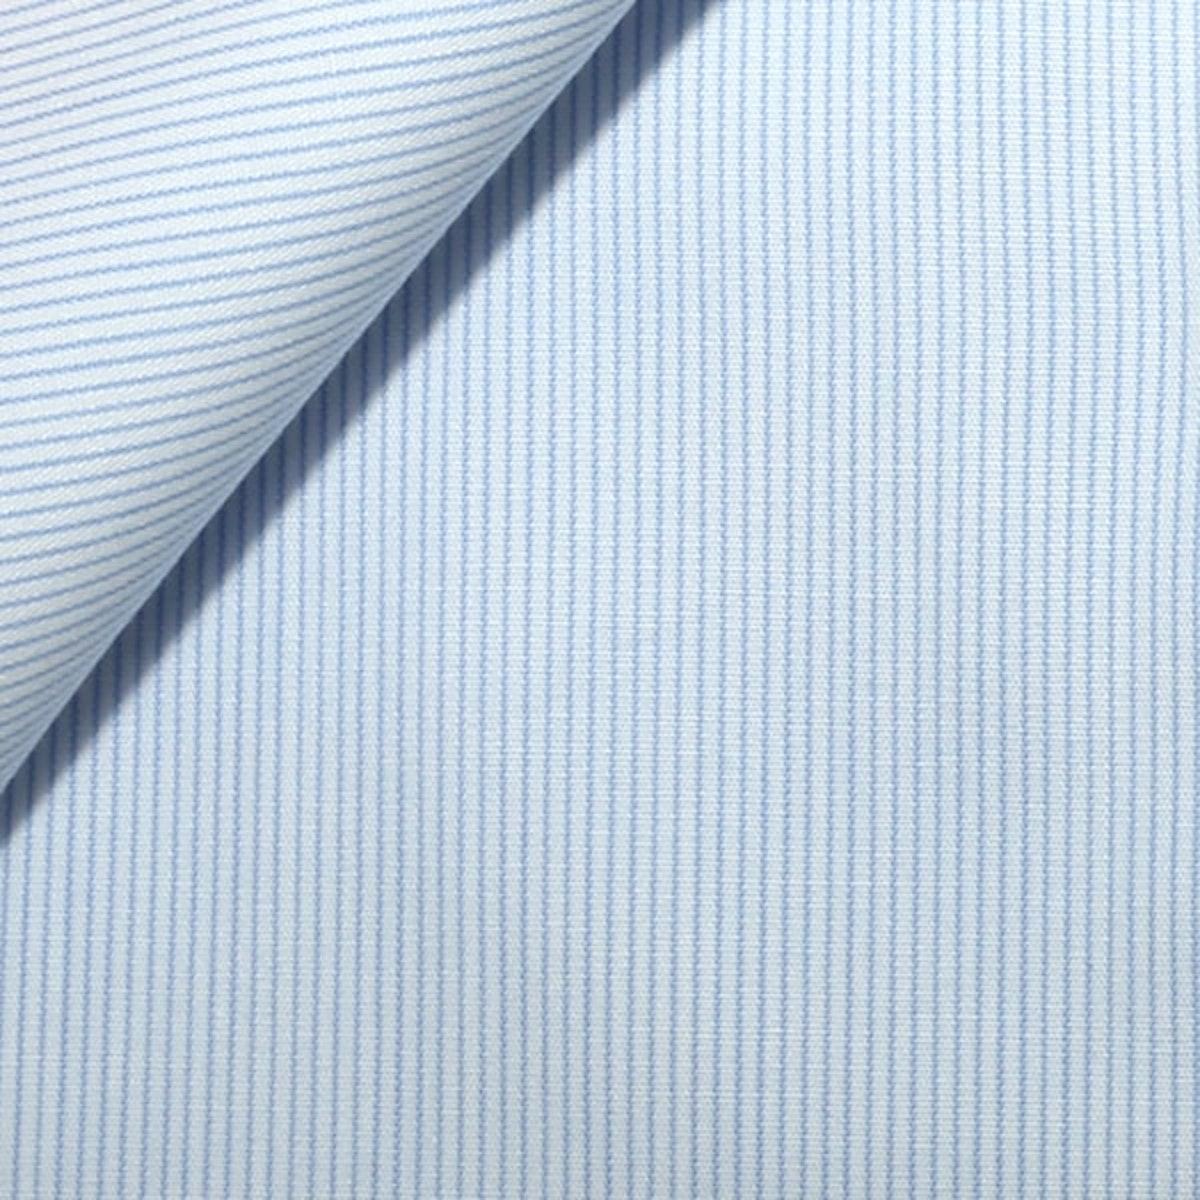 InStitchu Shirt Fabric 195